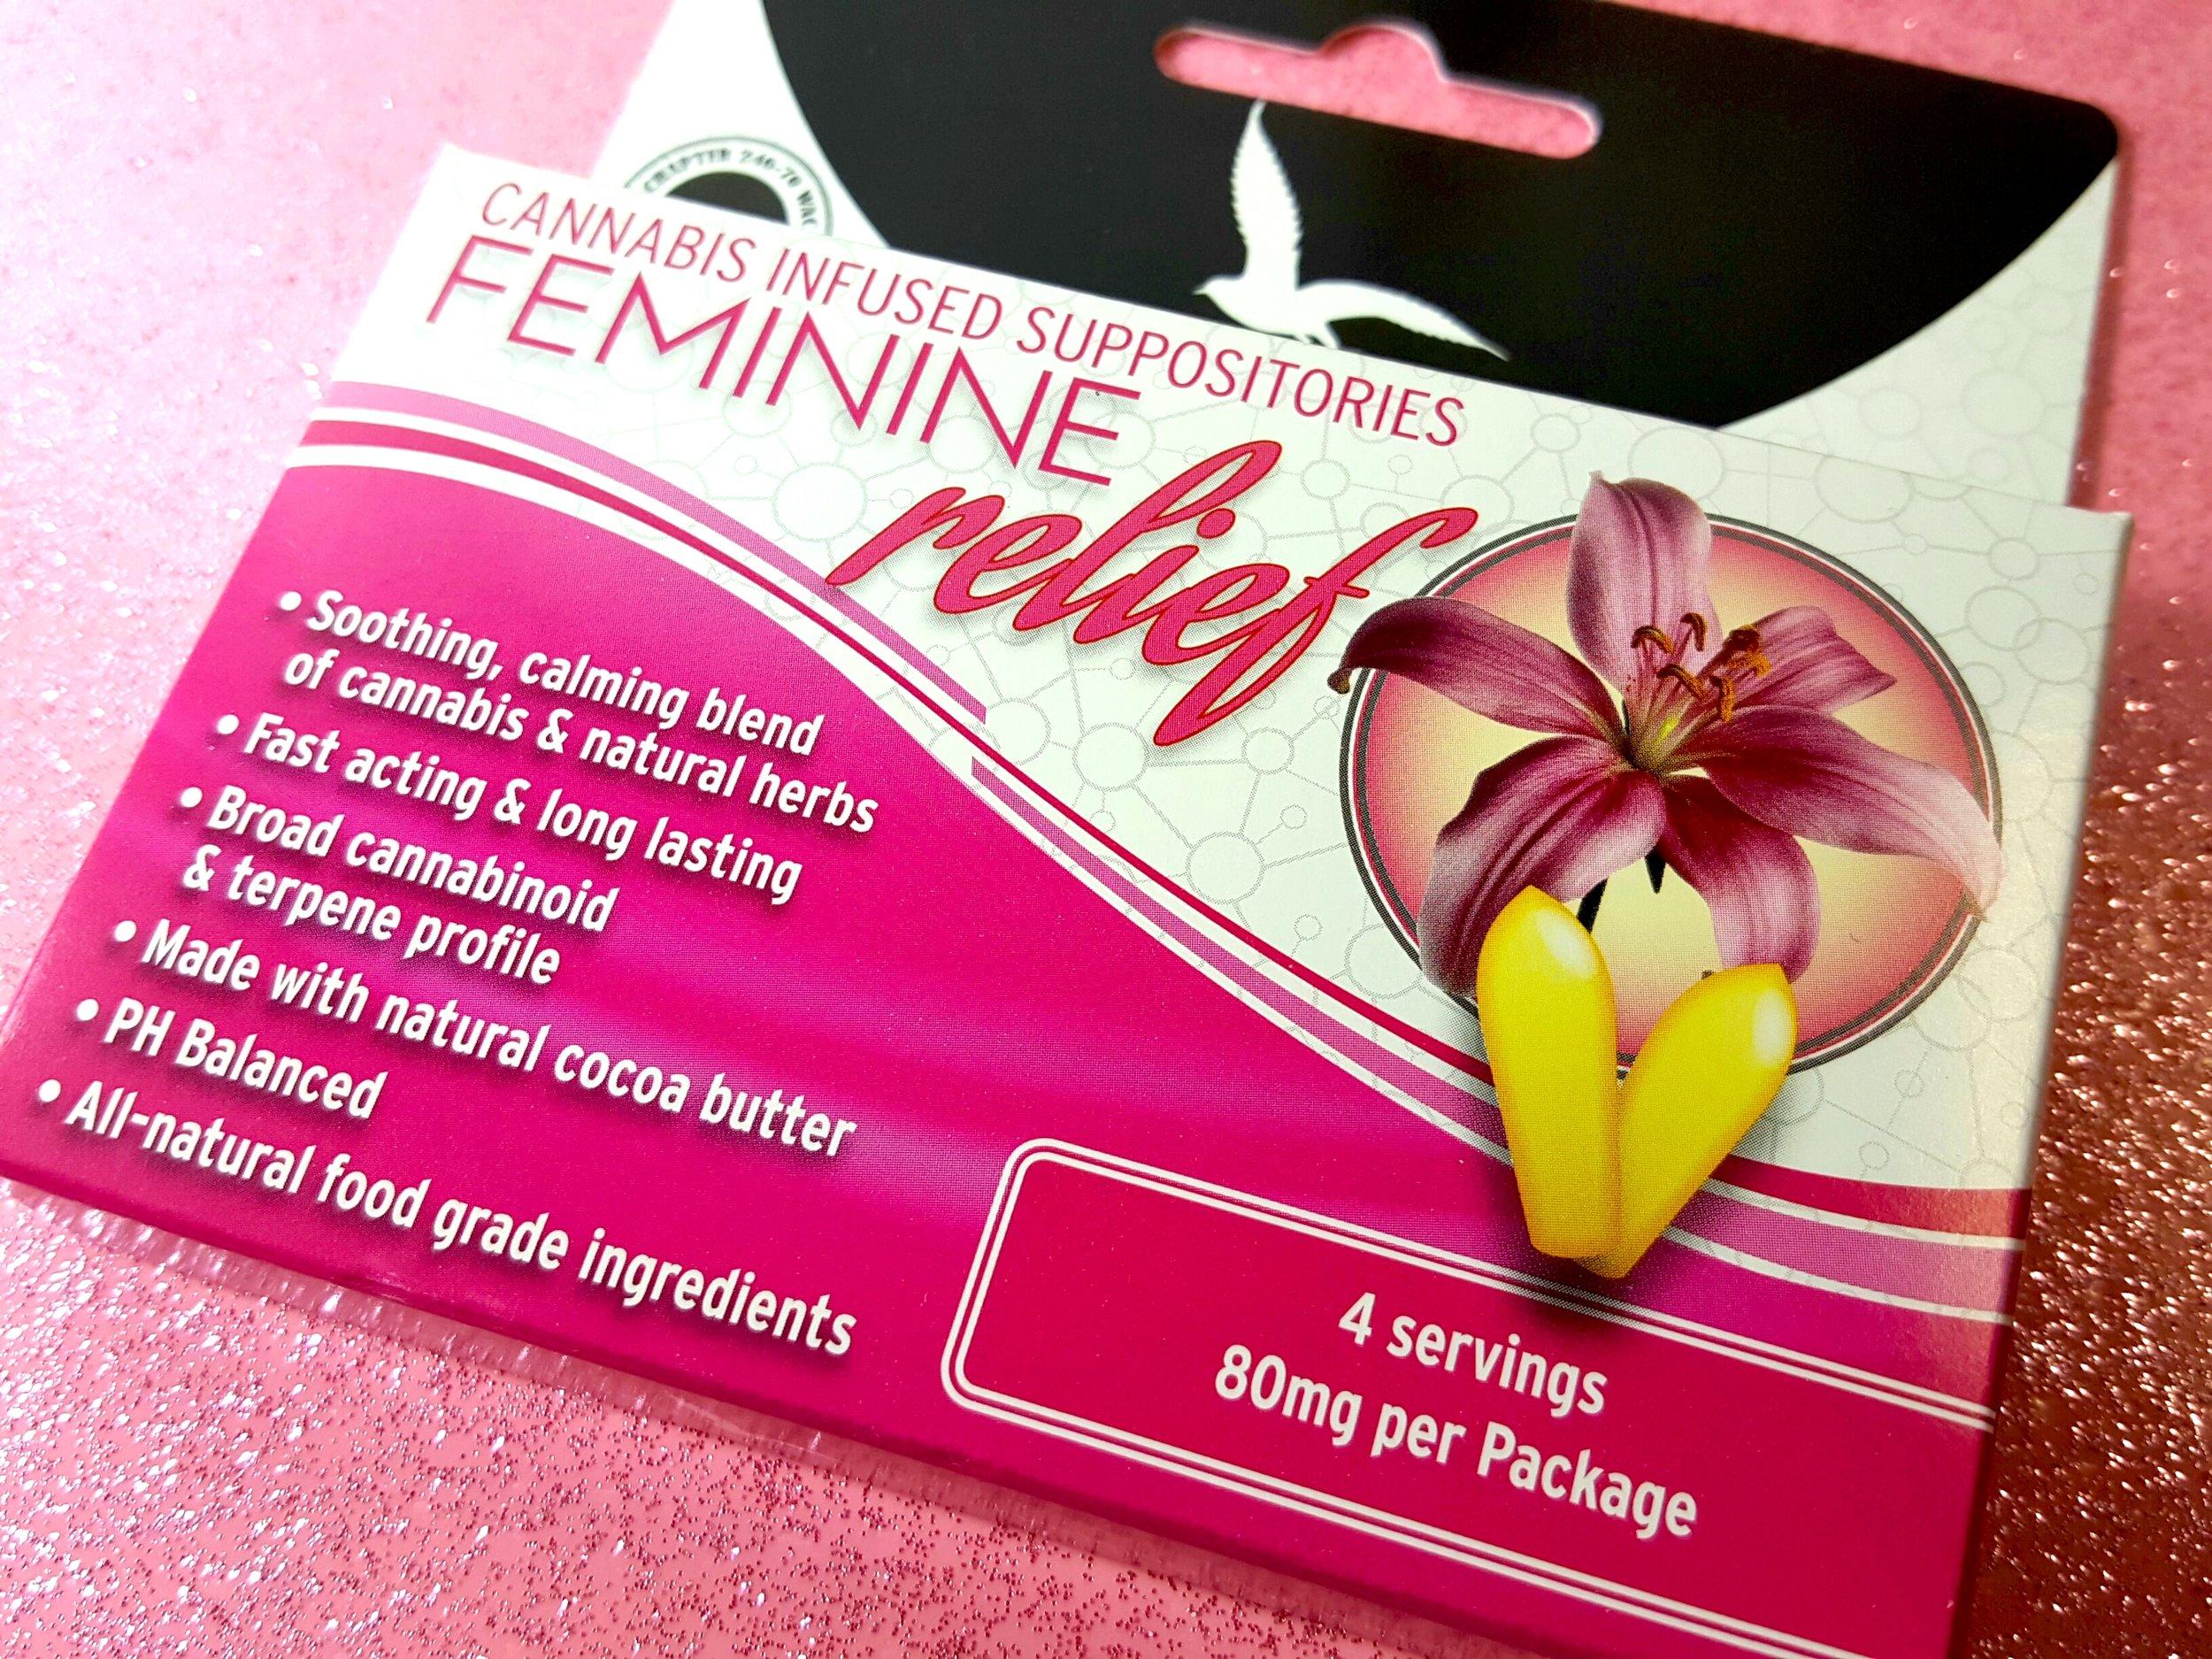 Fairwinds Cannabis Feminine Relief Suppositories Ganja Goddess